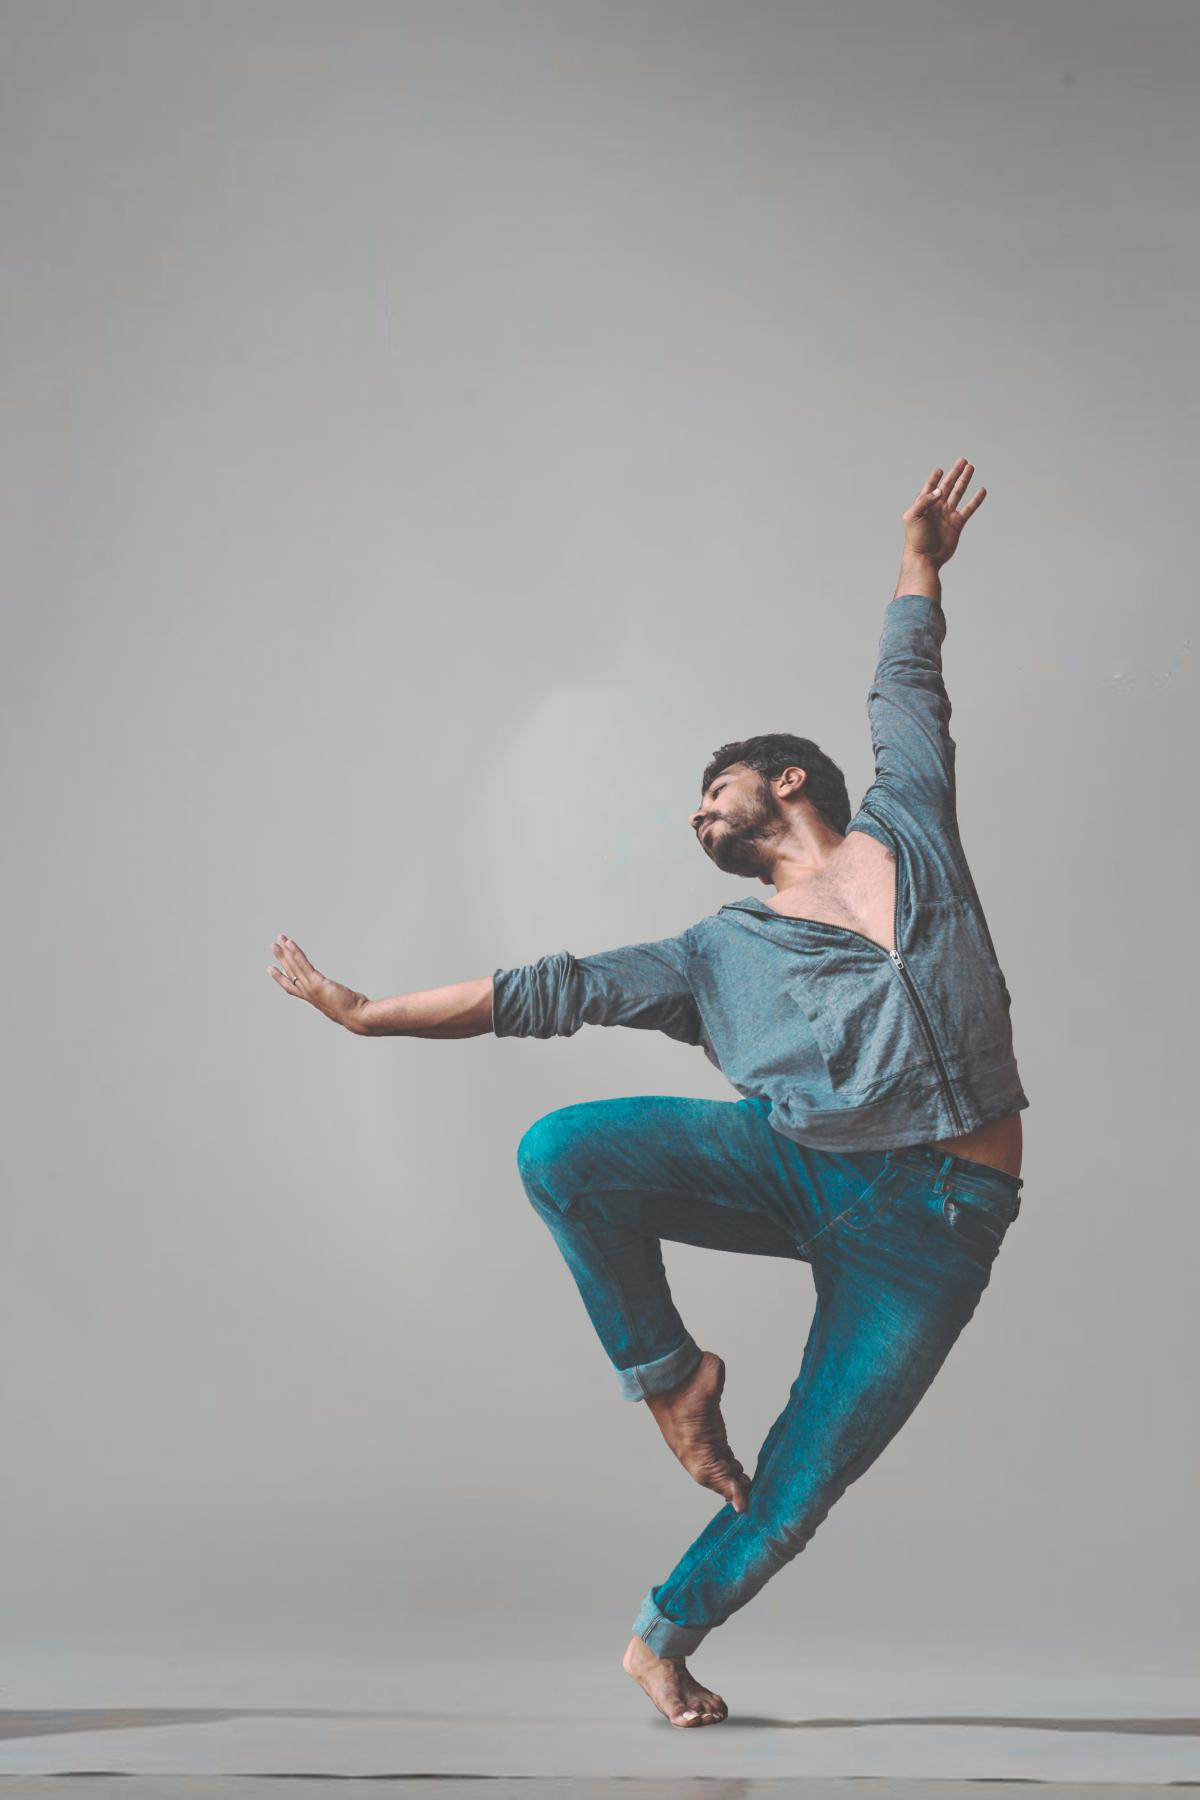 Dancing Man Wearing Pants and Long-sleeved Shirt